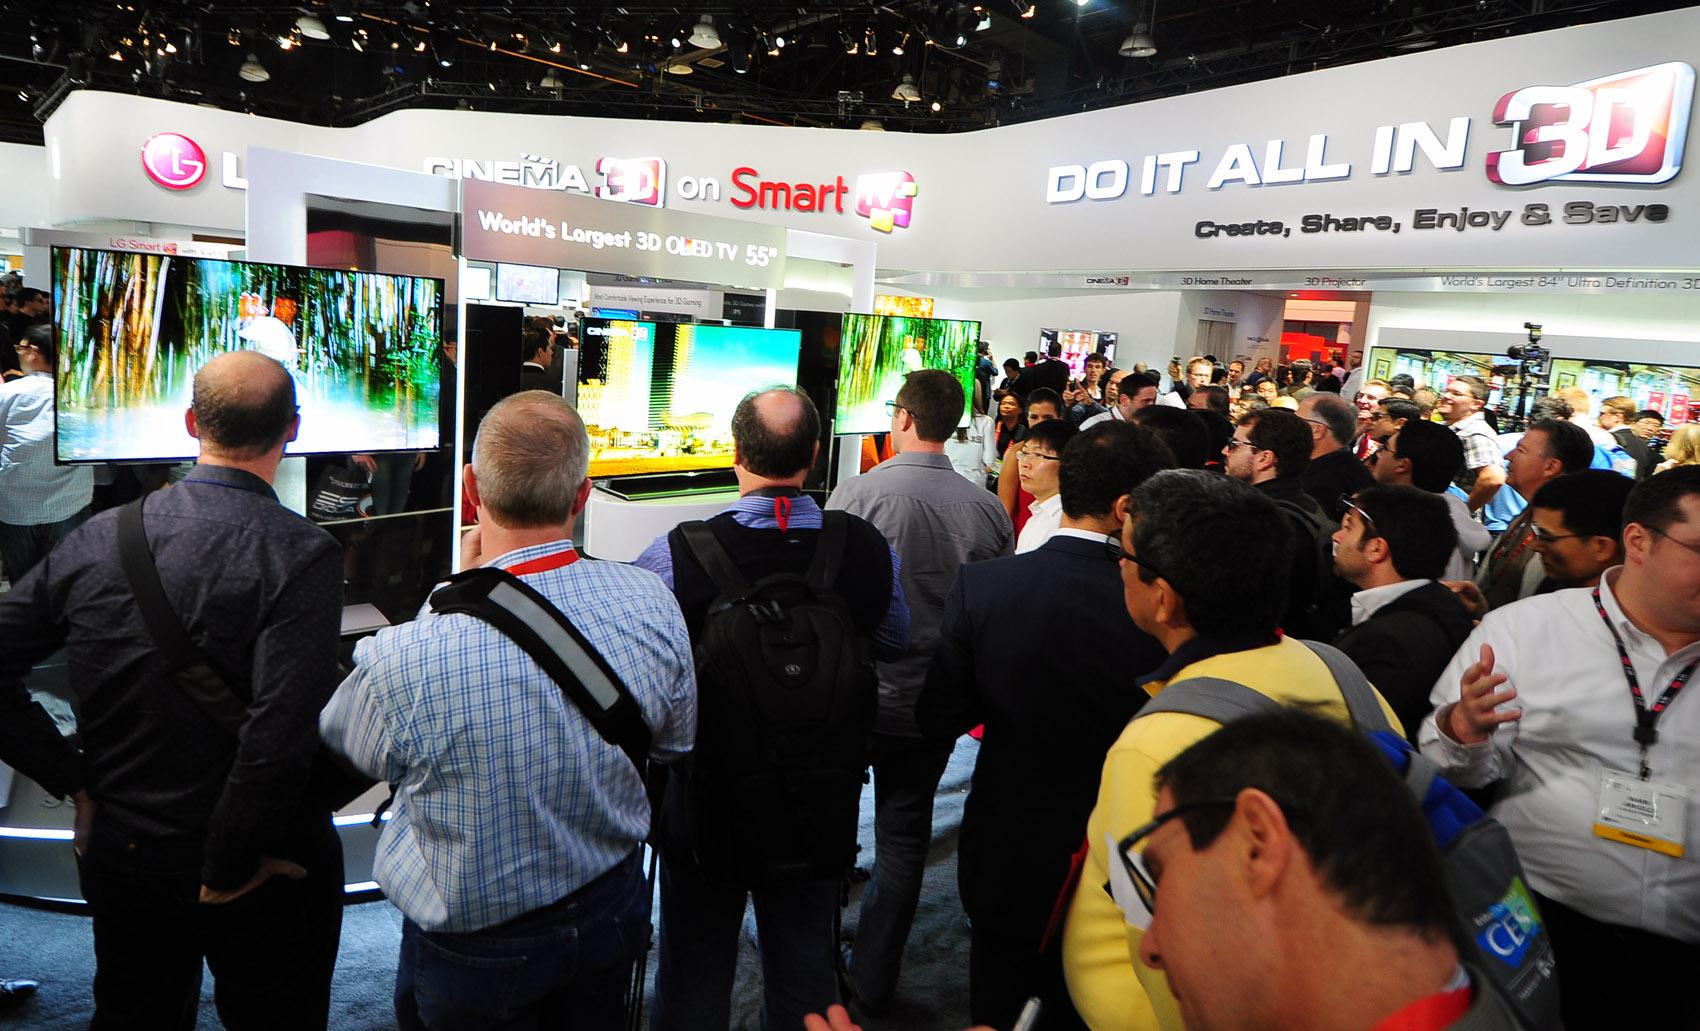 55인치 OLED TV 관람하는 모습